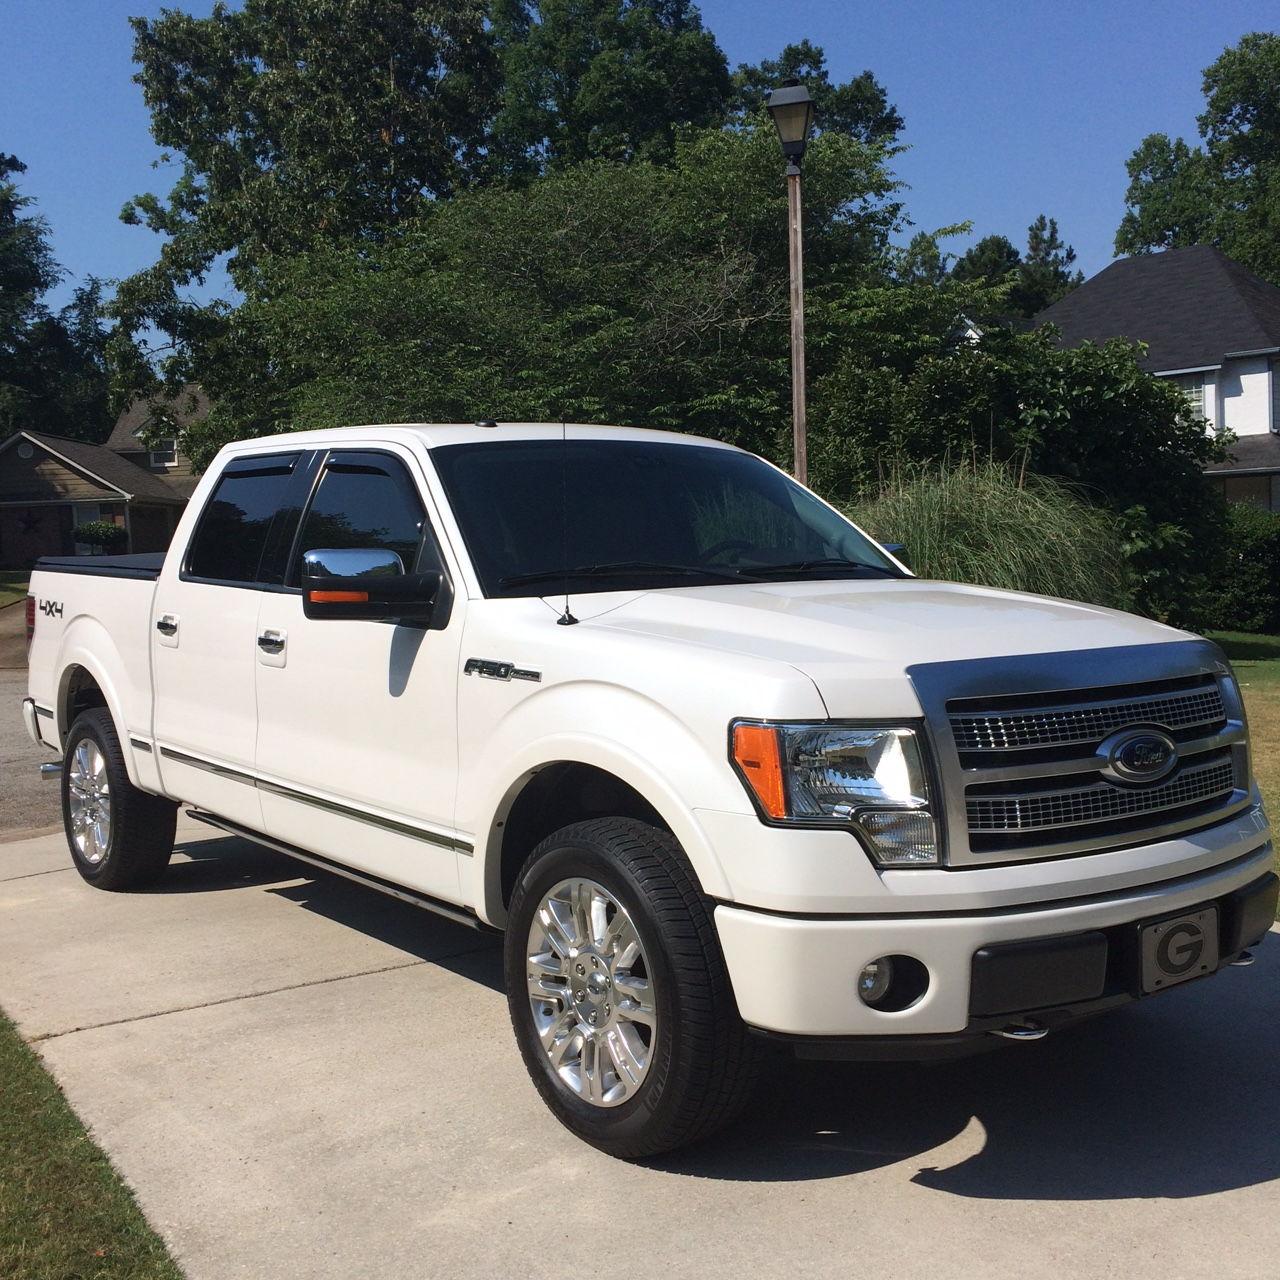 Truck Platinum: The Platinum Club